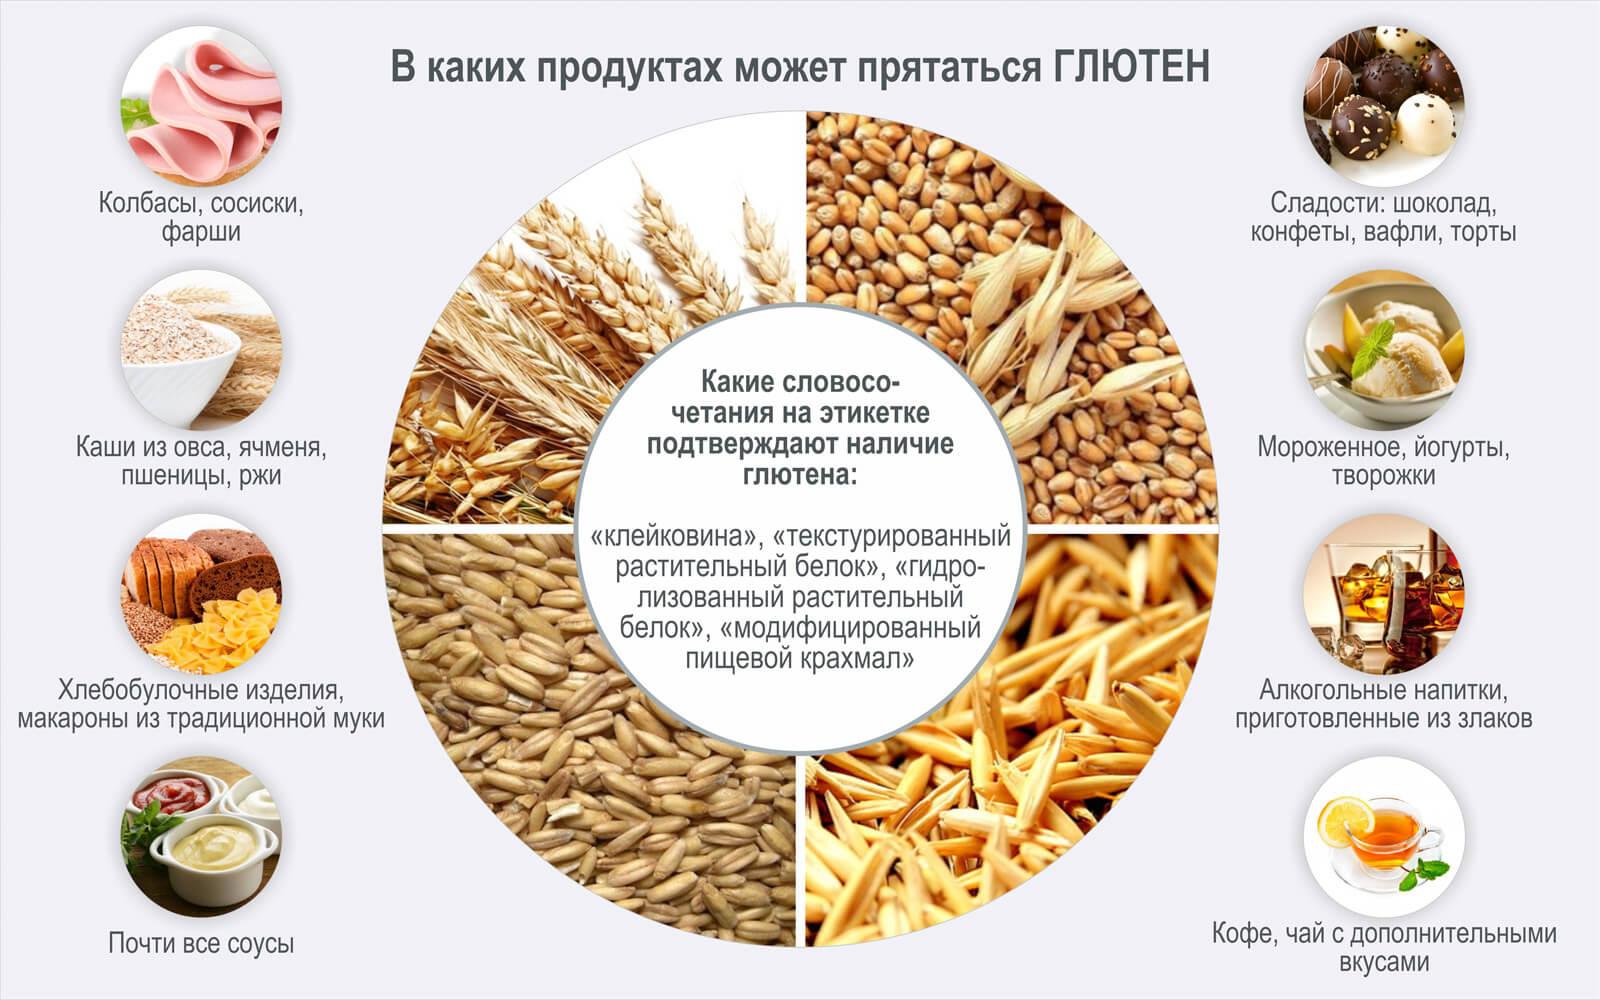 Безглютеновая диета : меню, список разрешенных и запрещенных продуктов